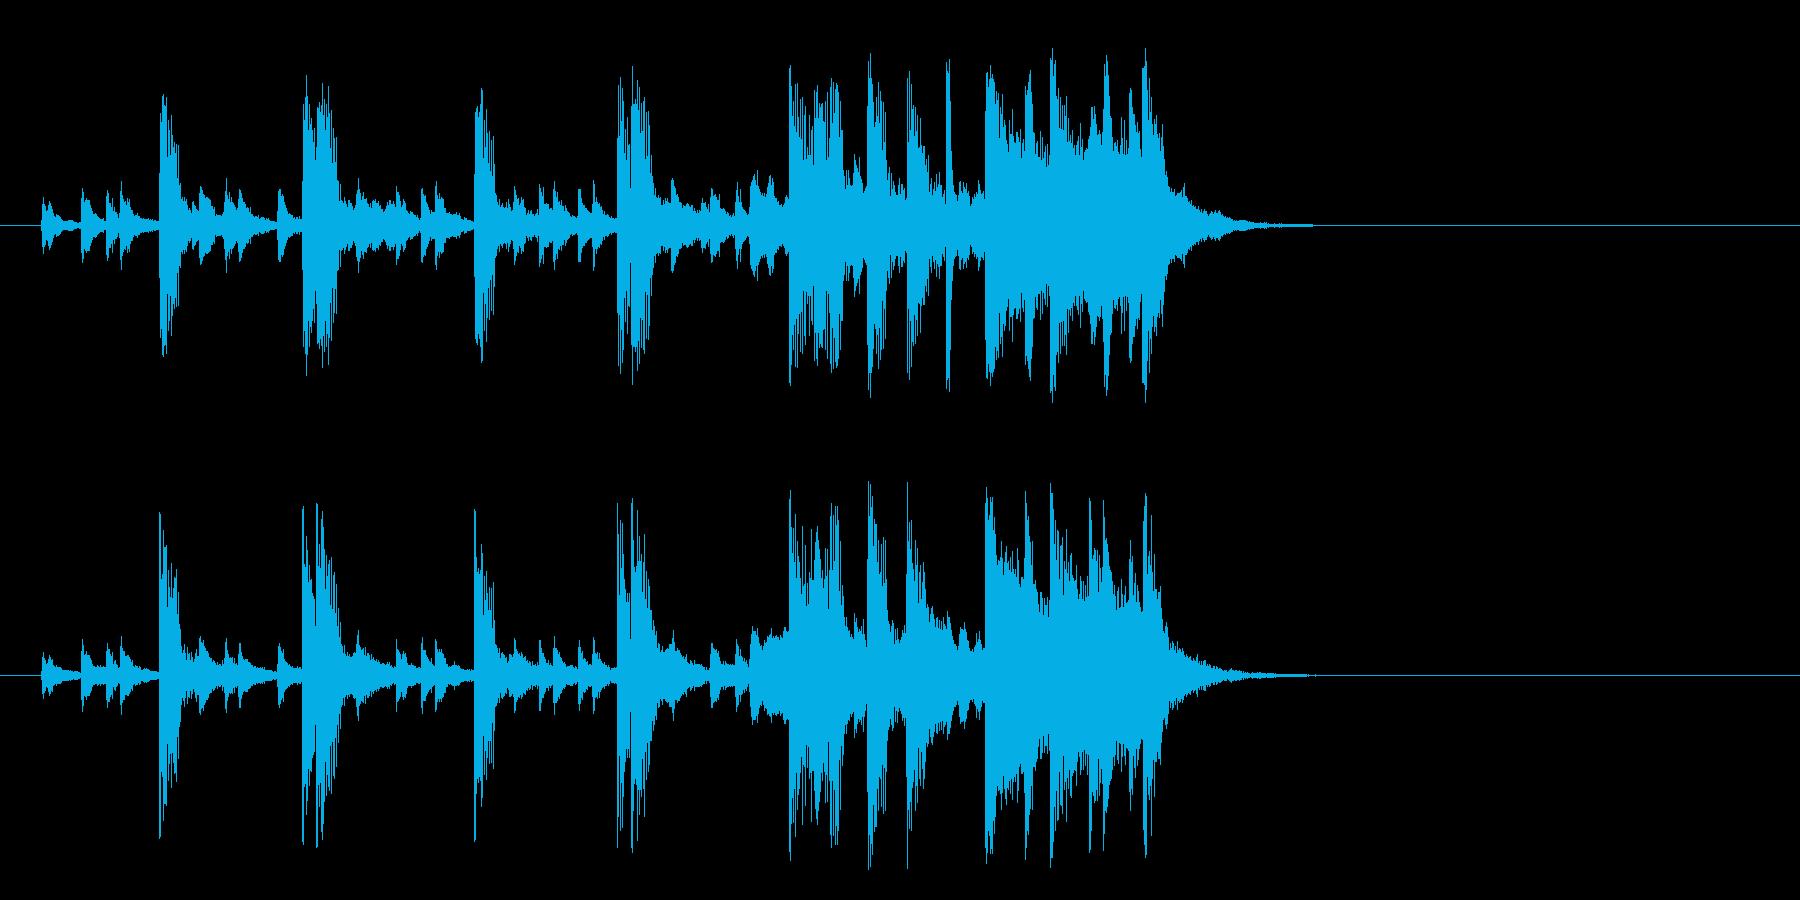 のんびりした童謡風ポップ(イントロ)の再生済みの波形